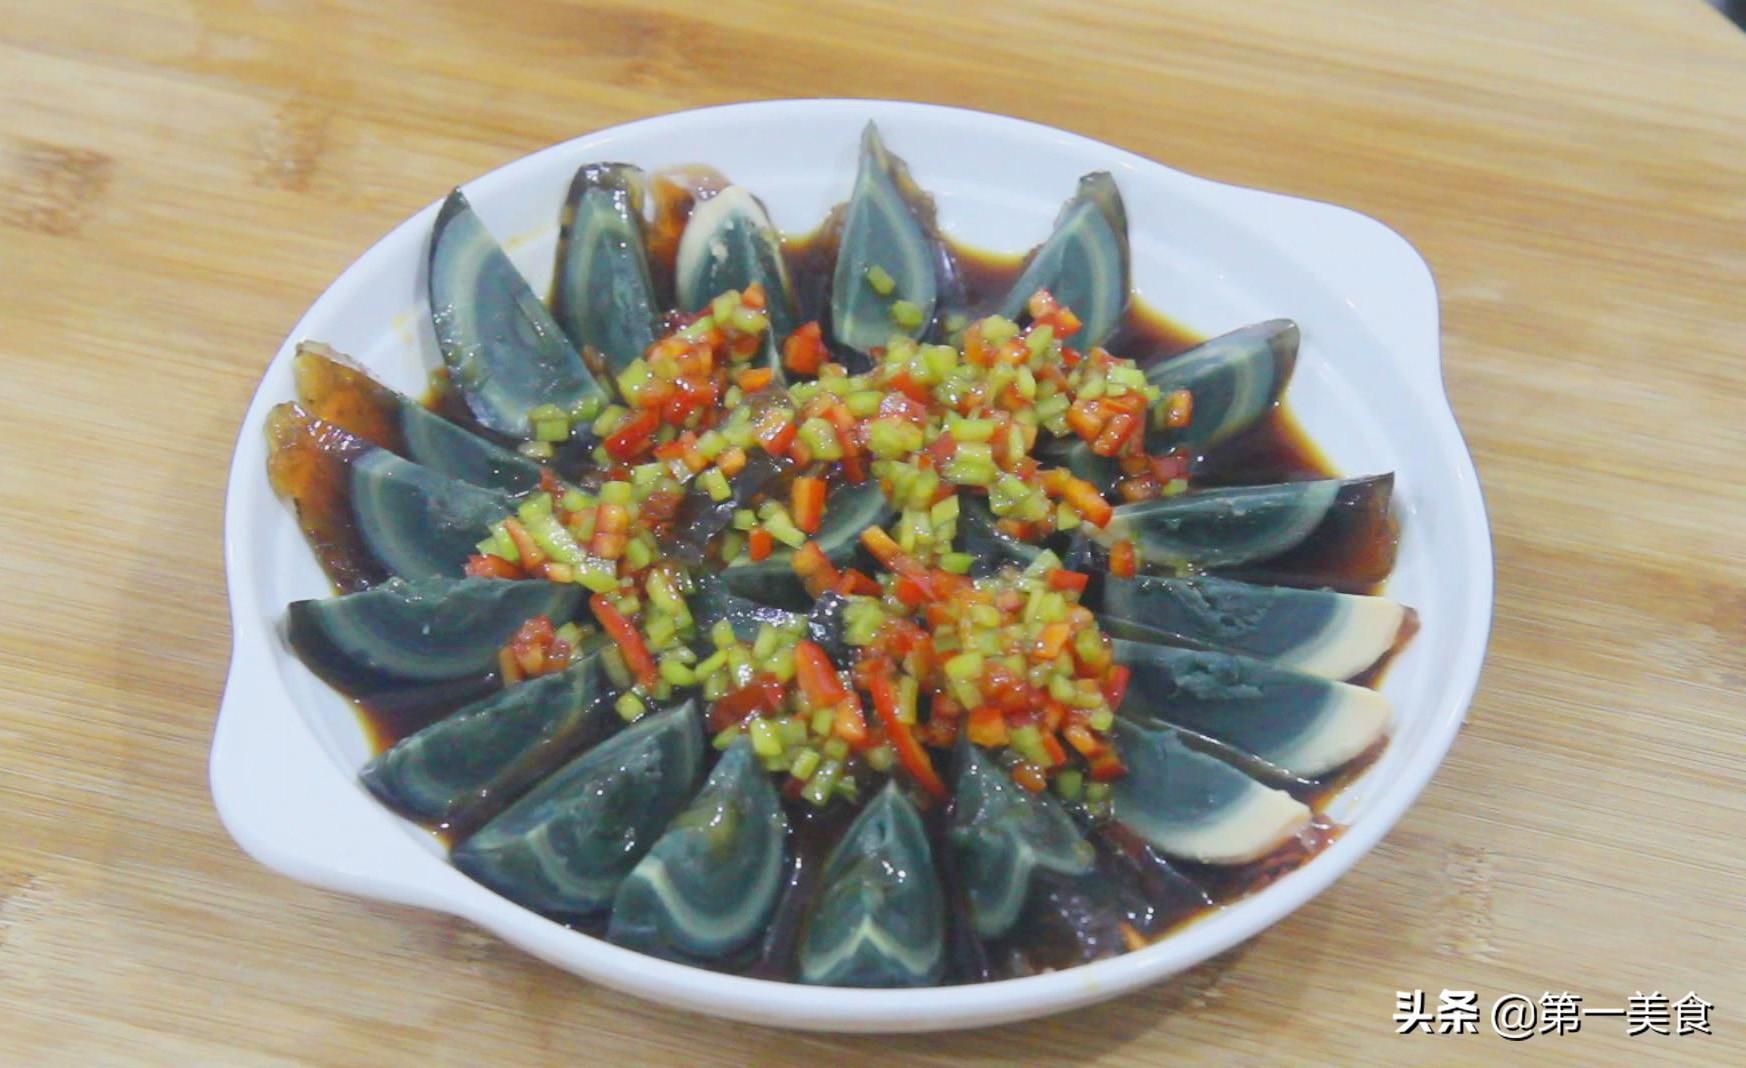 双椒皮蛋这样做,超级好吃,夏天清爽开胃,做法简单 美食做法 第5张